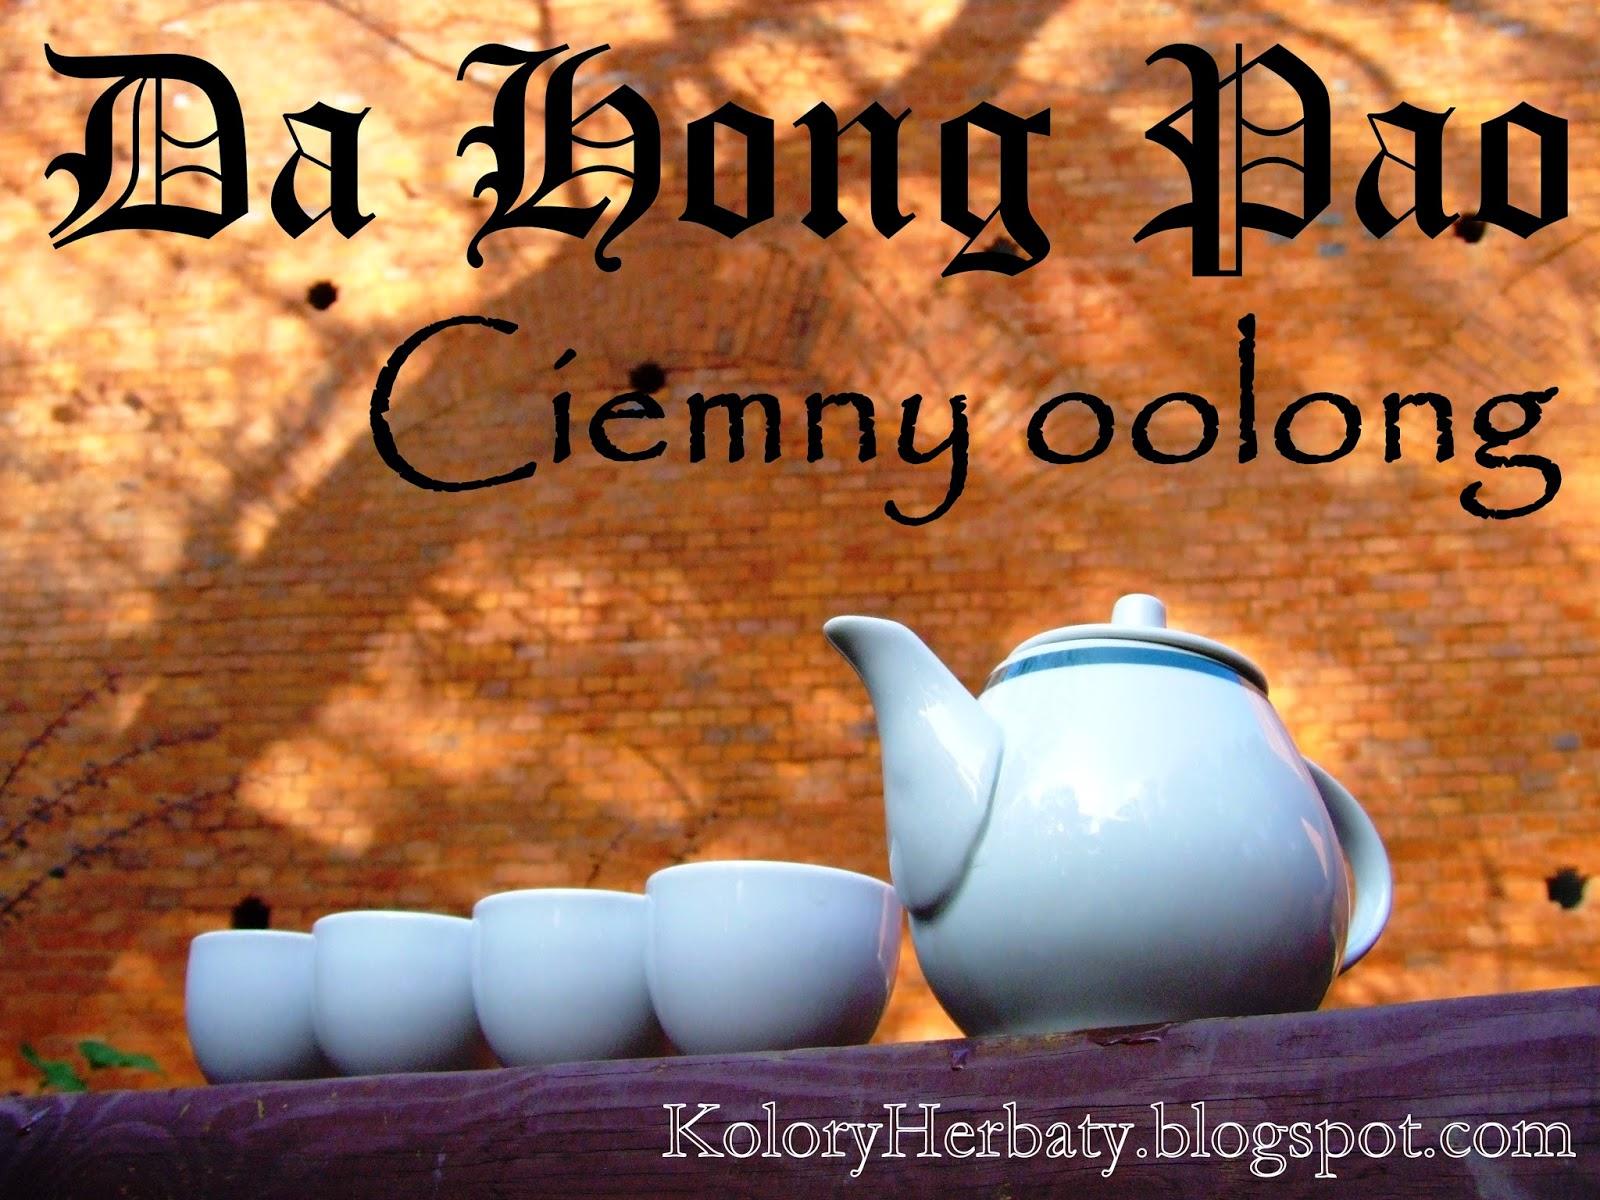 herbata ciemny oolong Da Hong Pao parzona w plenerze